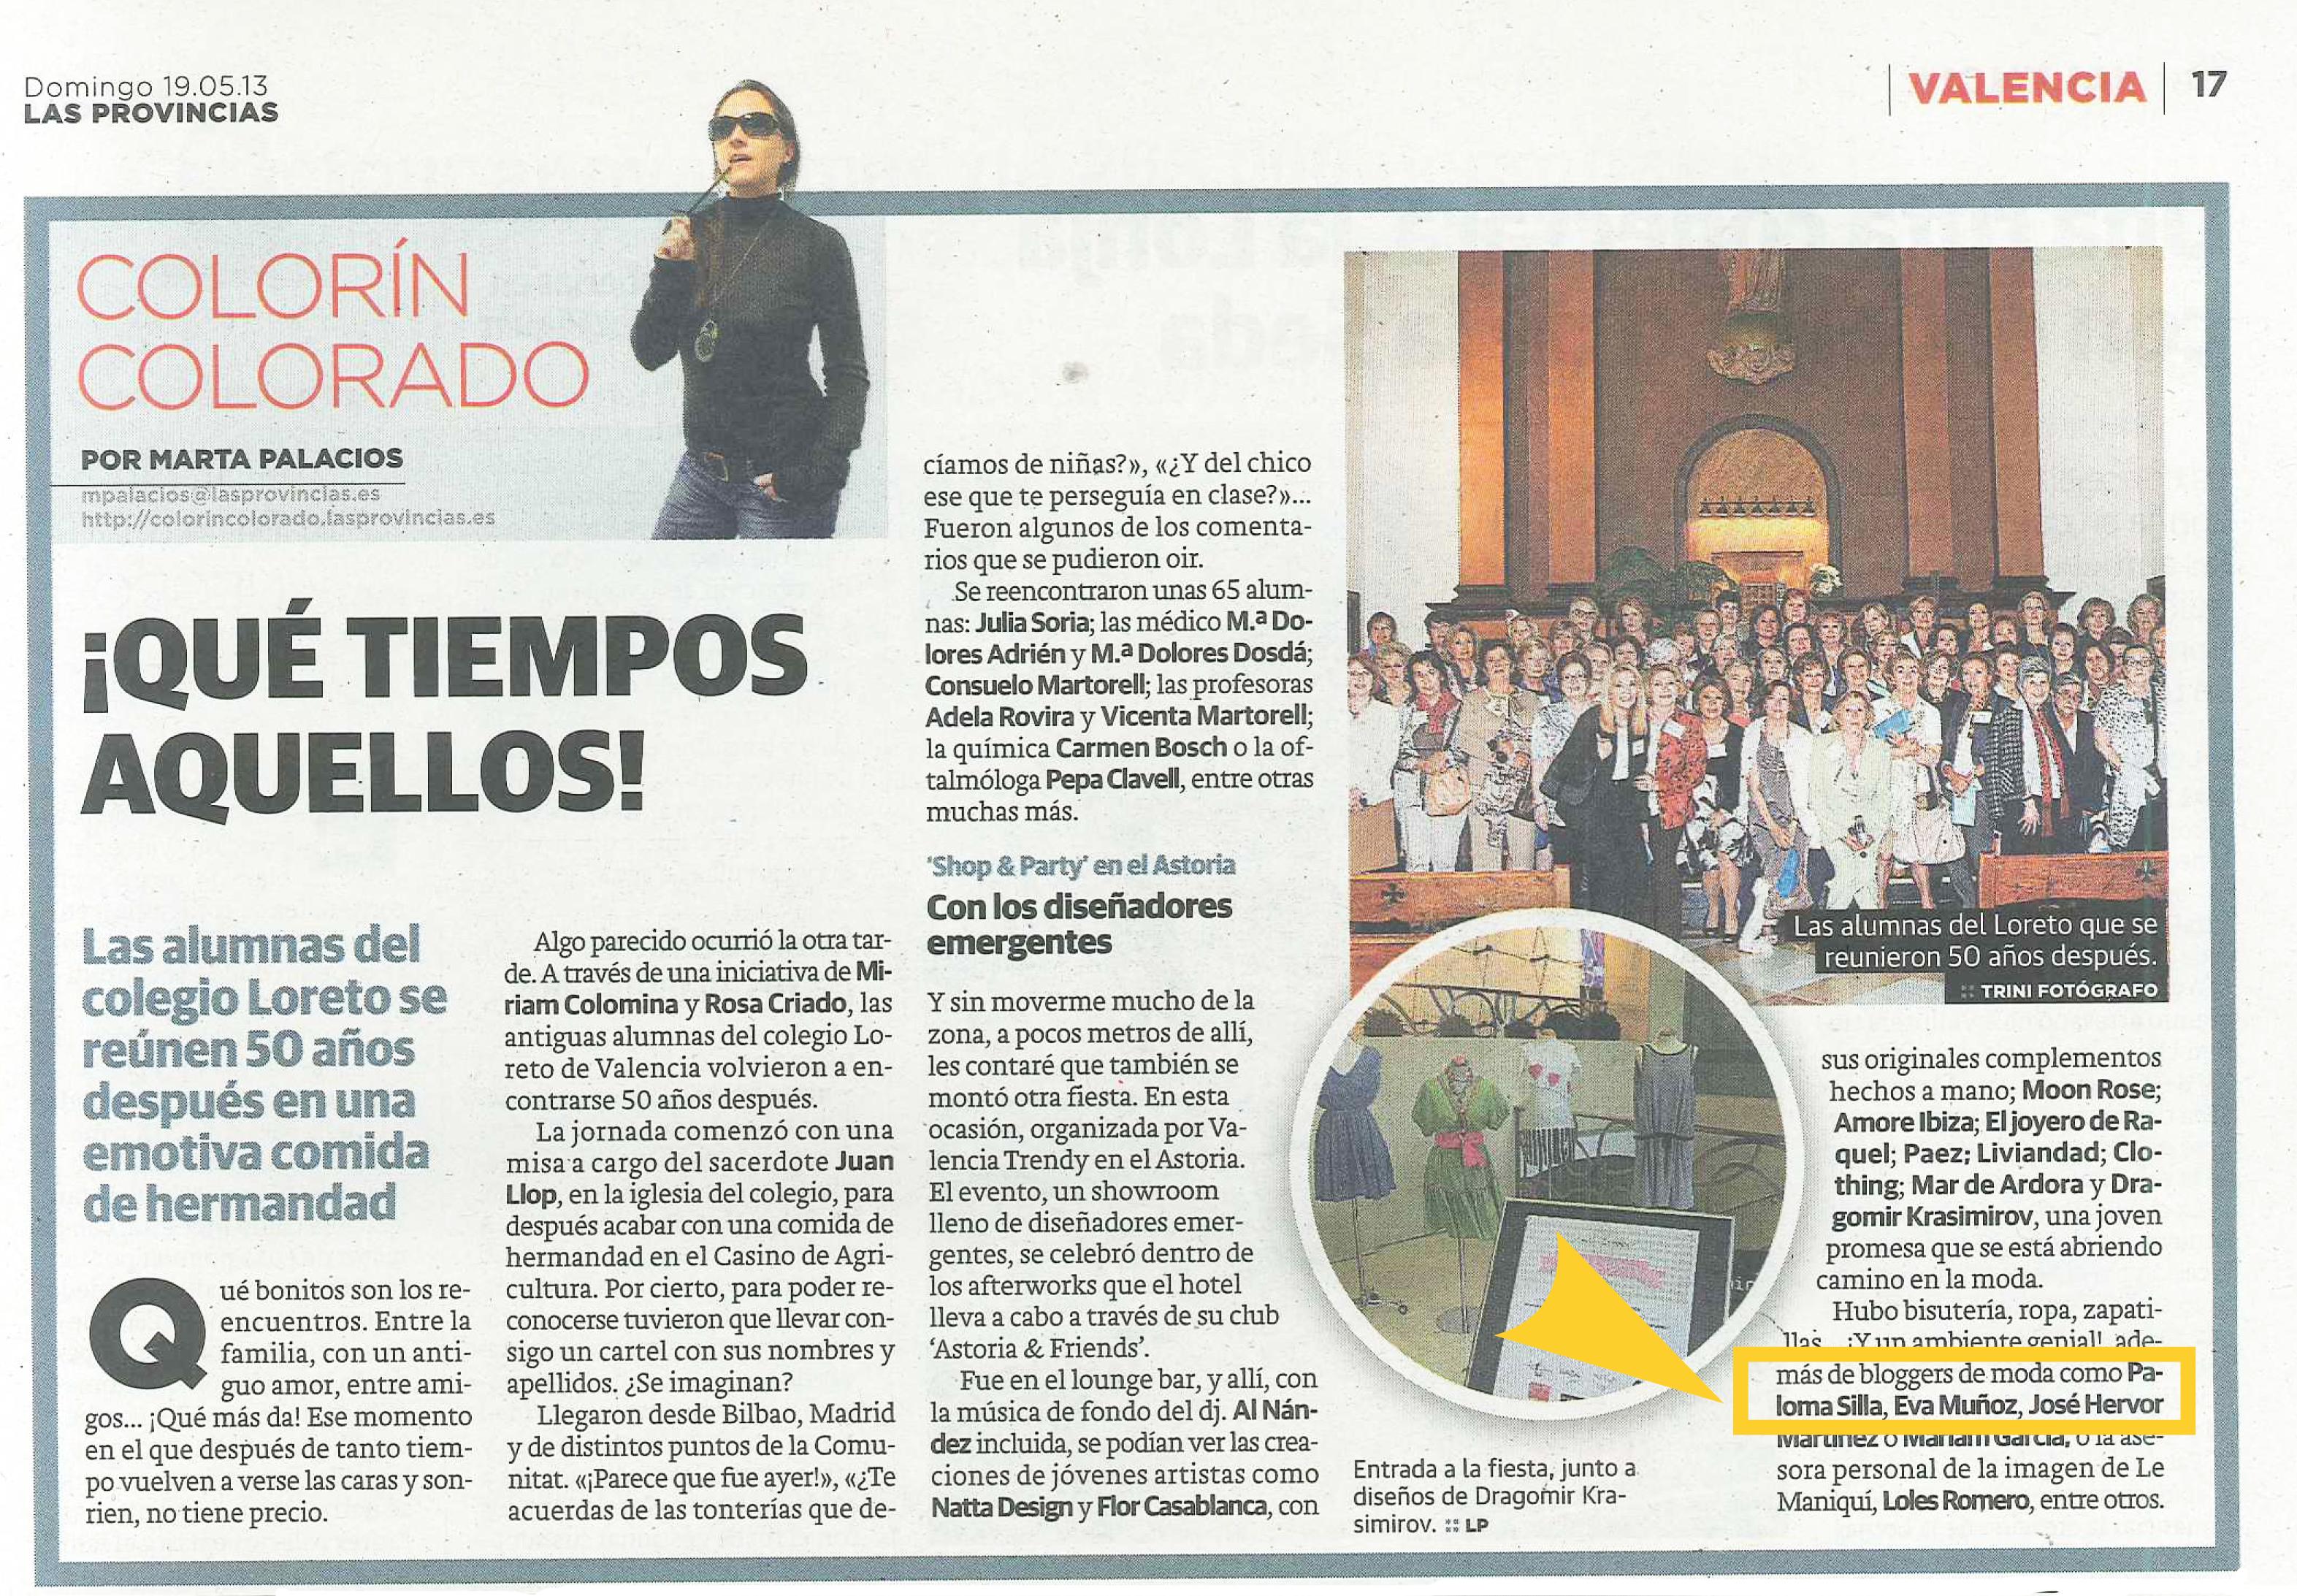 Detalle de la imagen publicada en la edición impresa de Las Provincias el domingo 19 de mayo de 2013